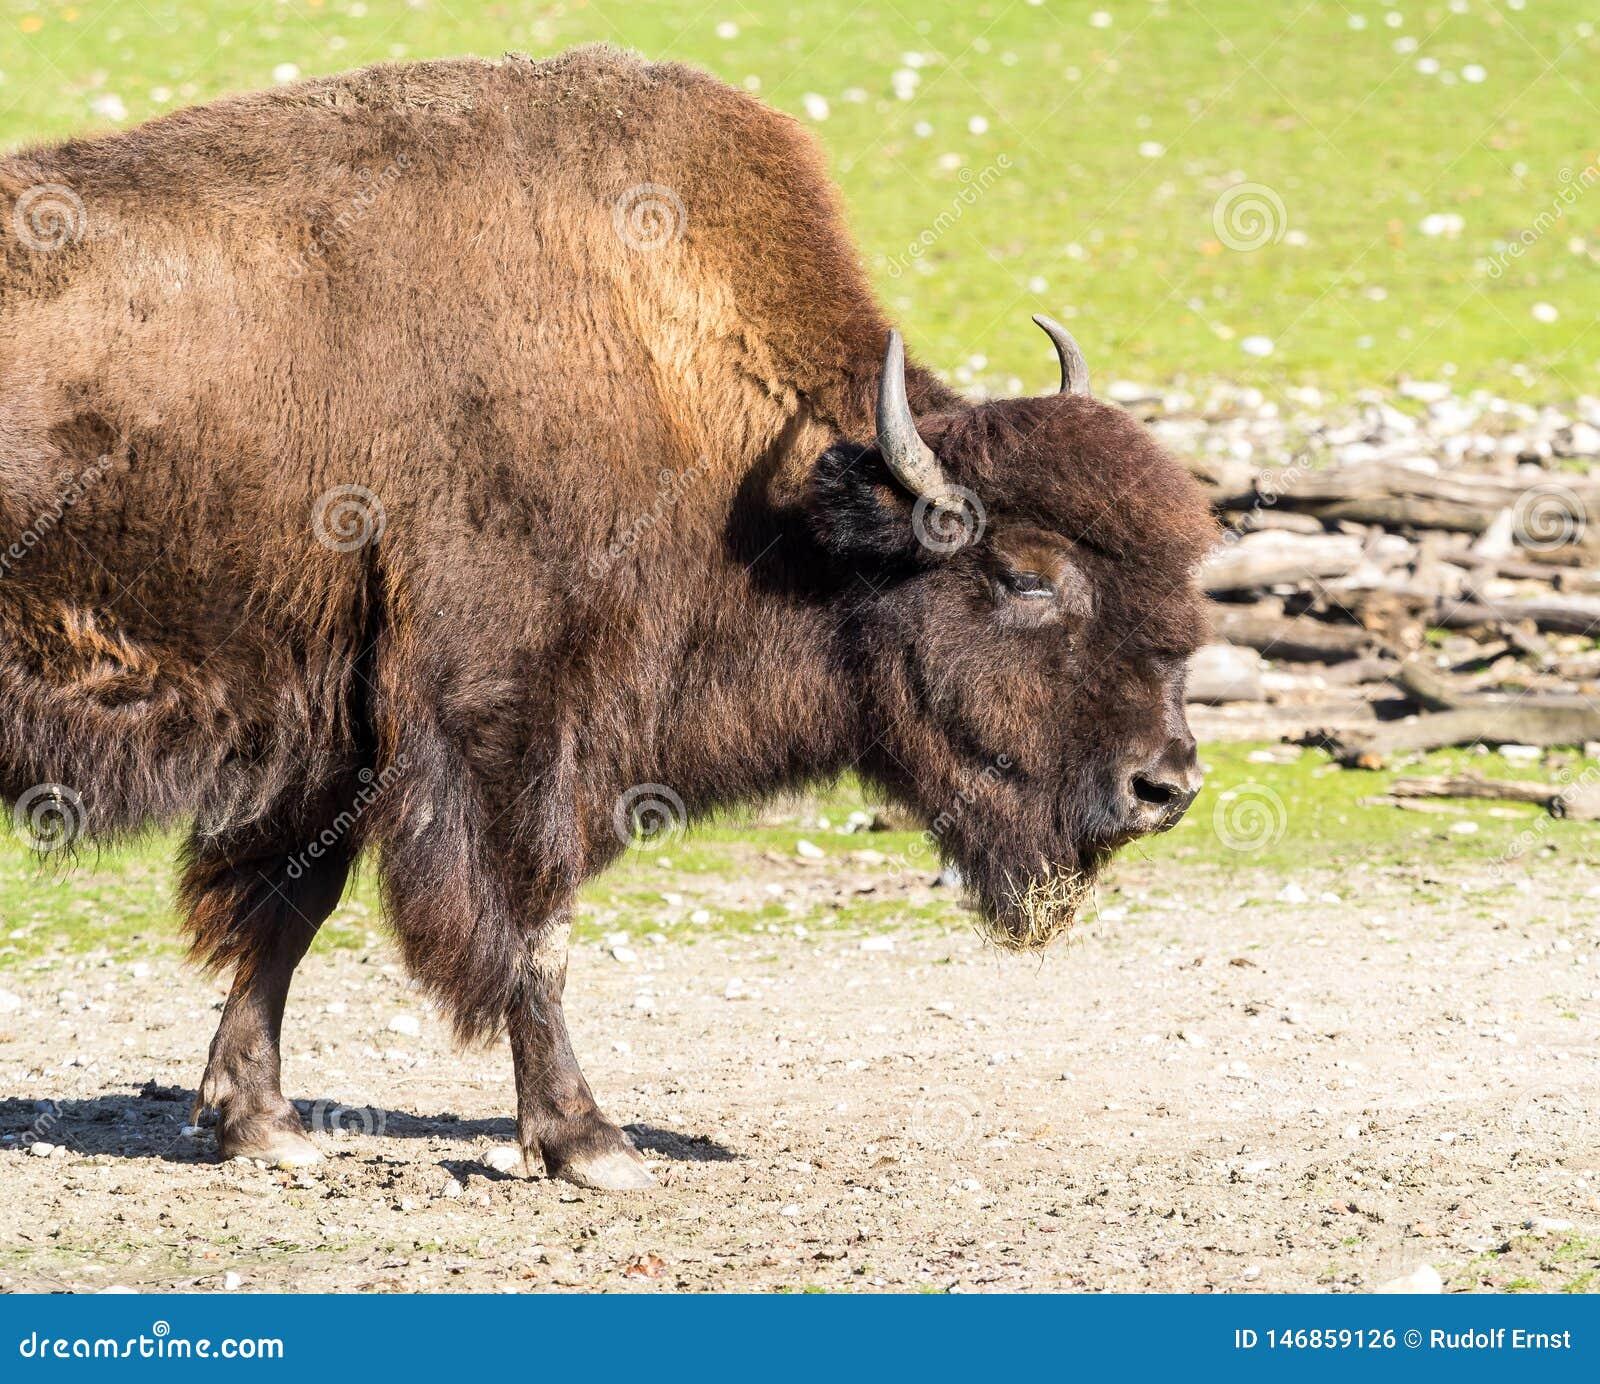 Amerikanischer B?ffel bekannt als Bison, Bosbison im Zoo